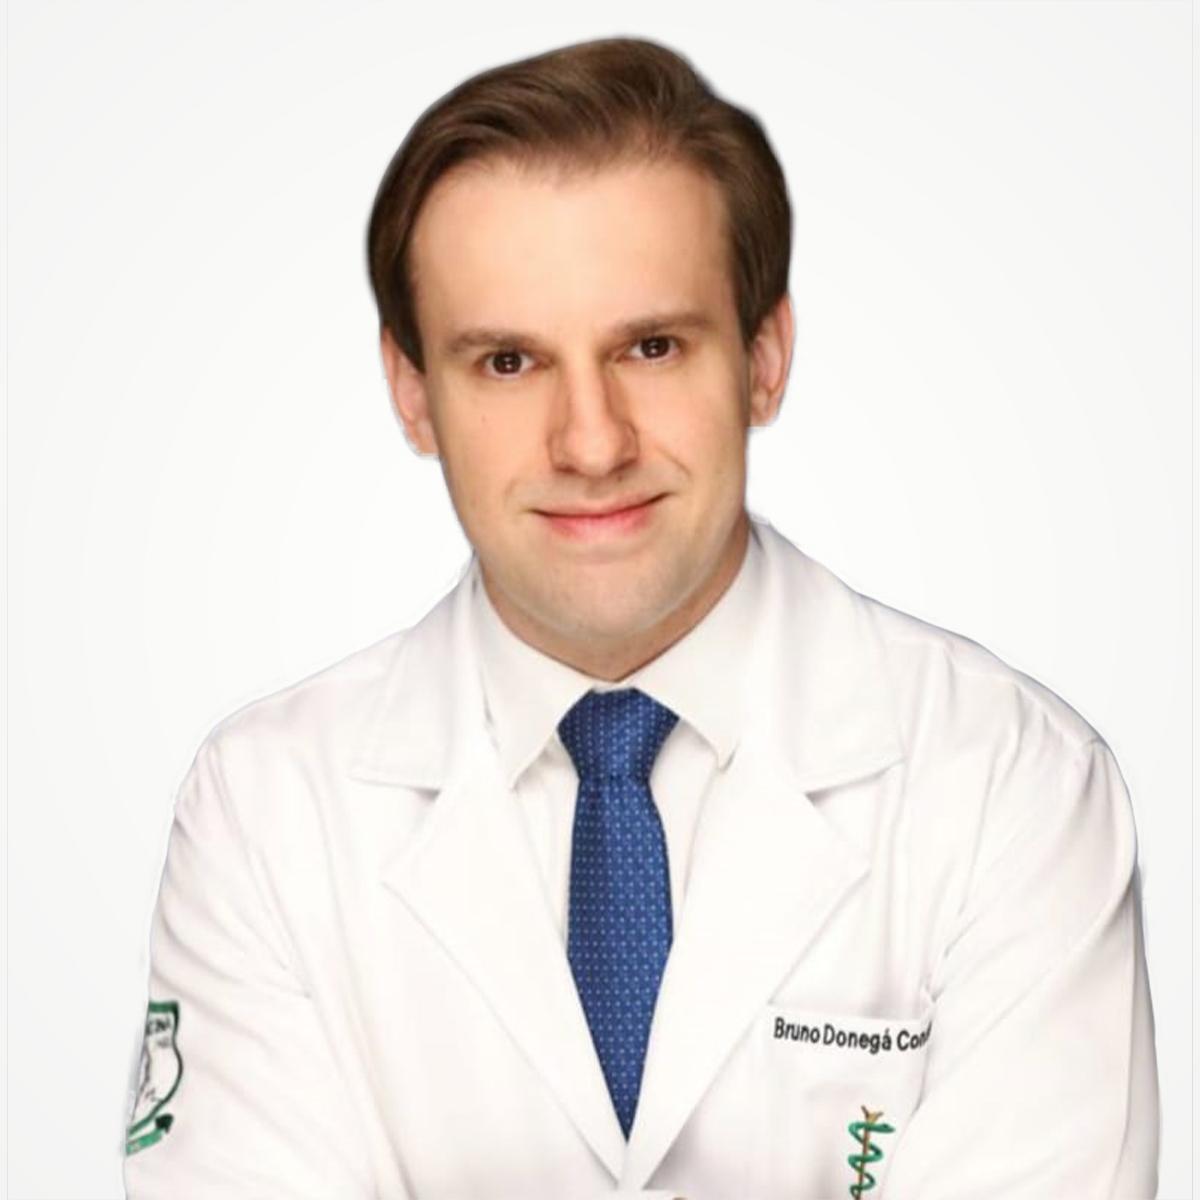 Dr. Bruno